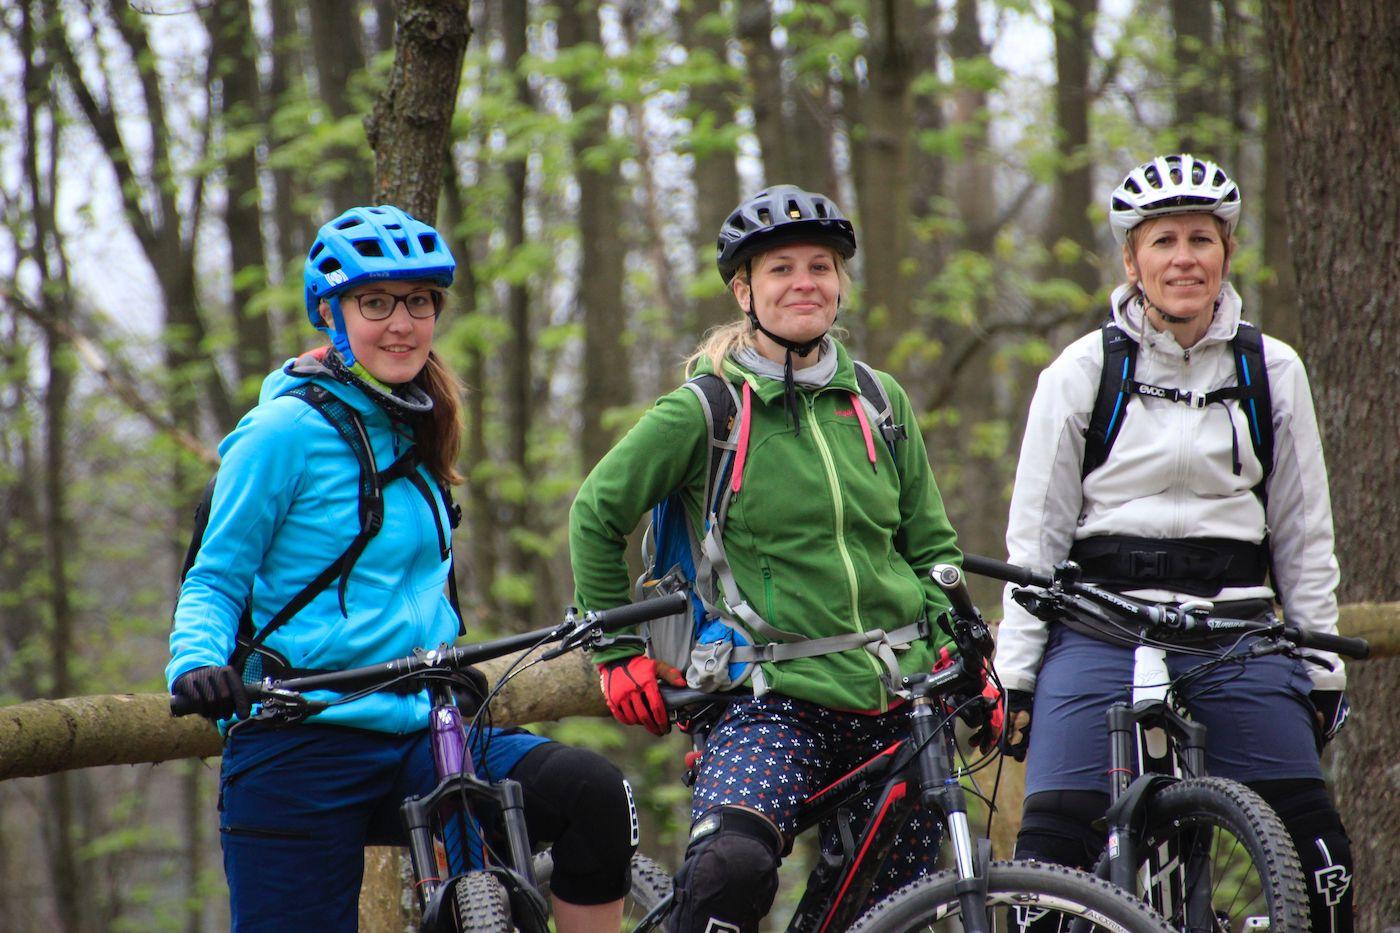 MTB Fahrtechnik Kurs Fortgeschrittene in Stuttgart  Esslingen - Mountainbike Fortgeschritten - Rock my Trail Bikeschule - 19